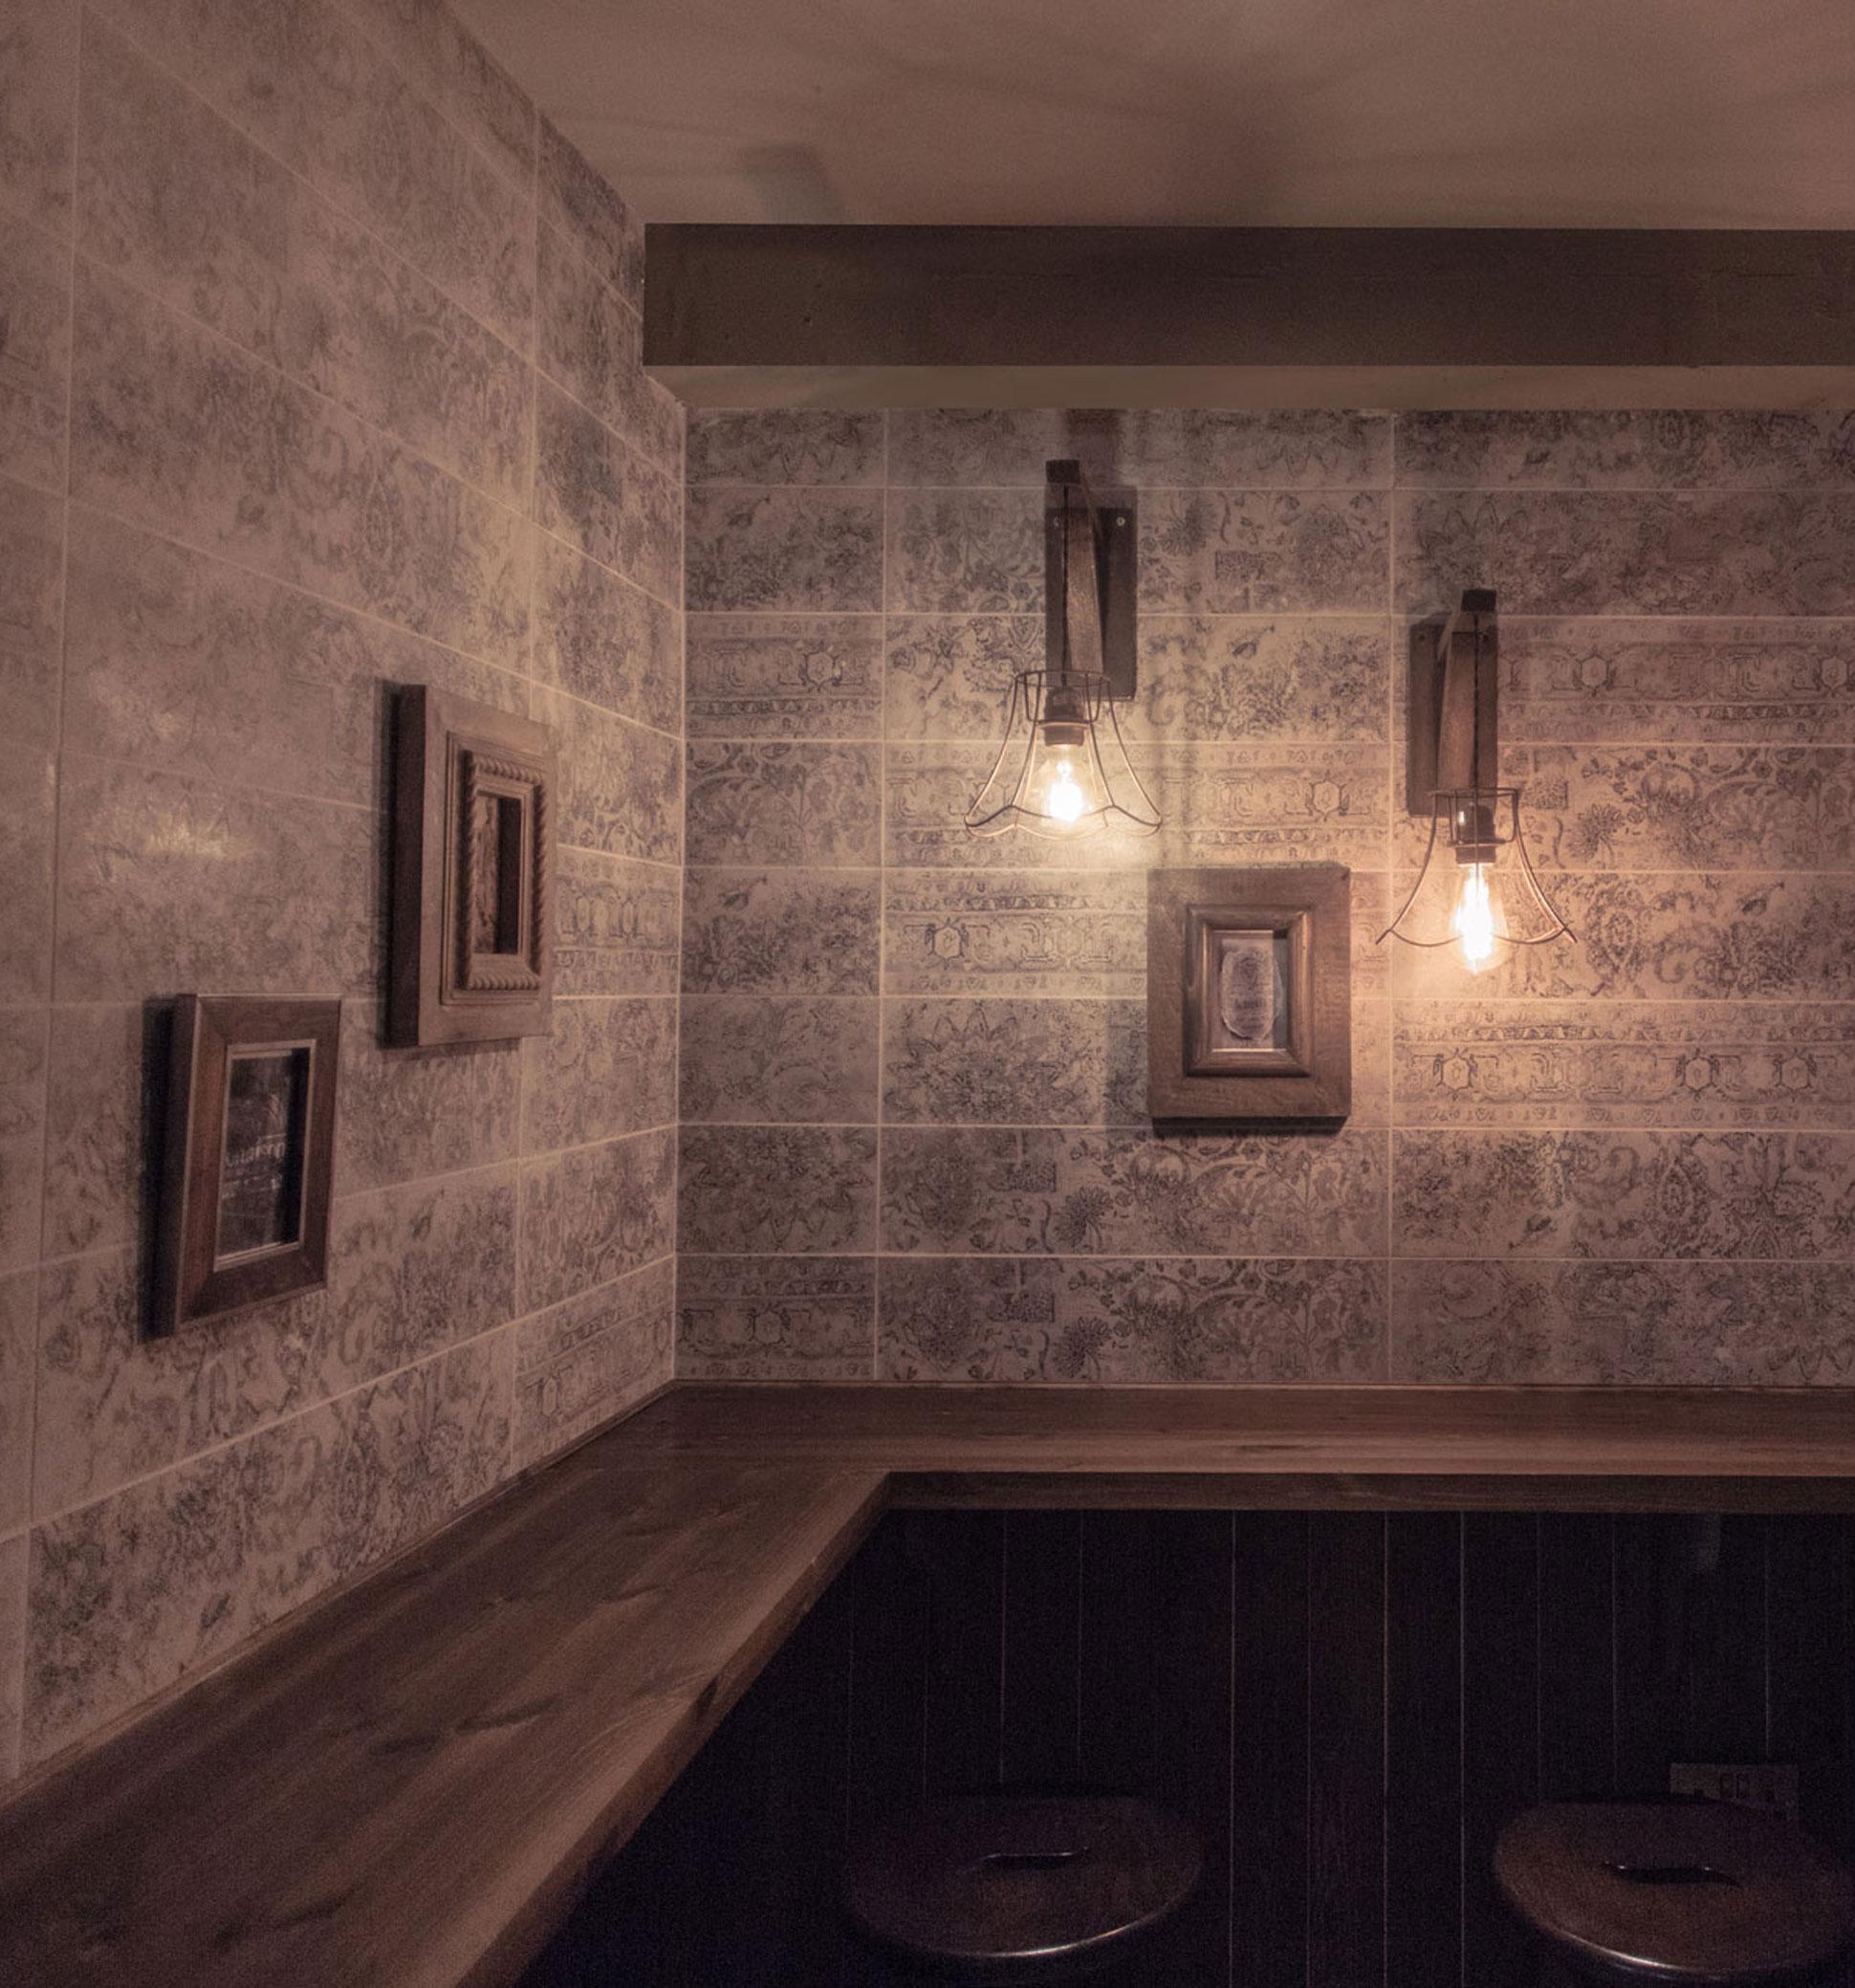 Snug bar experience